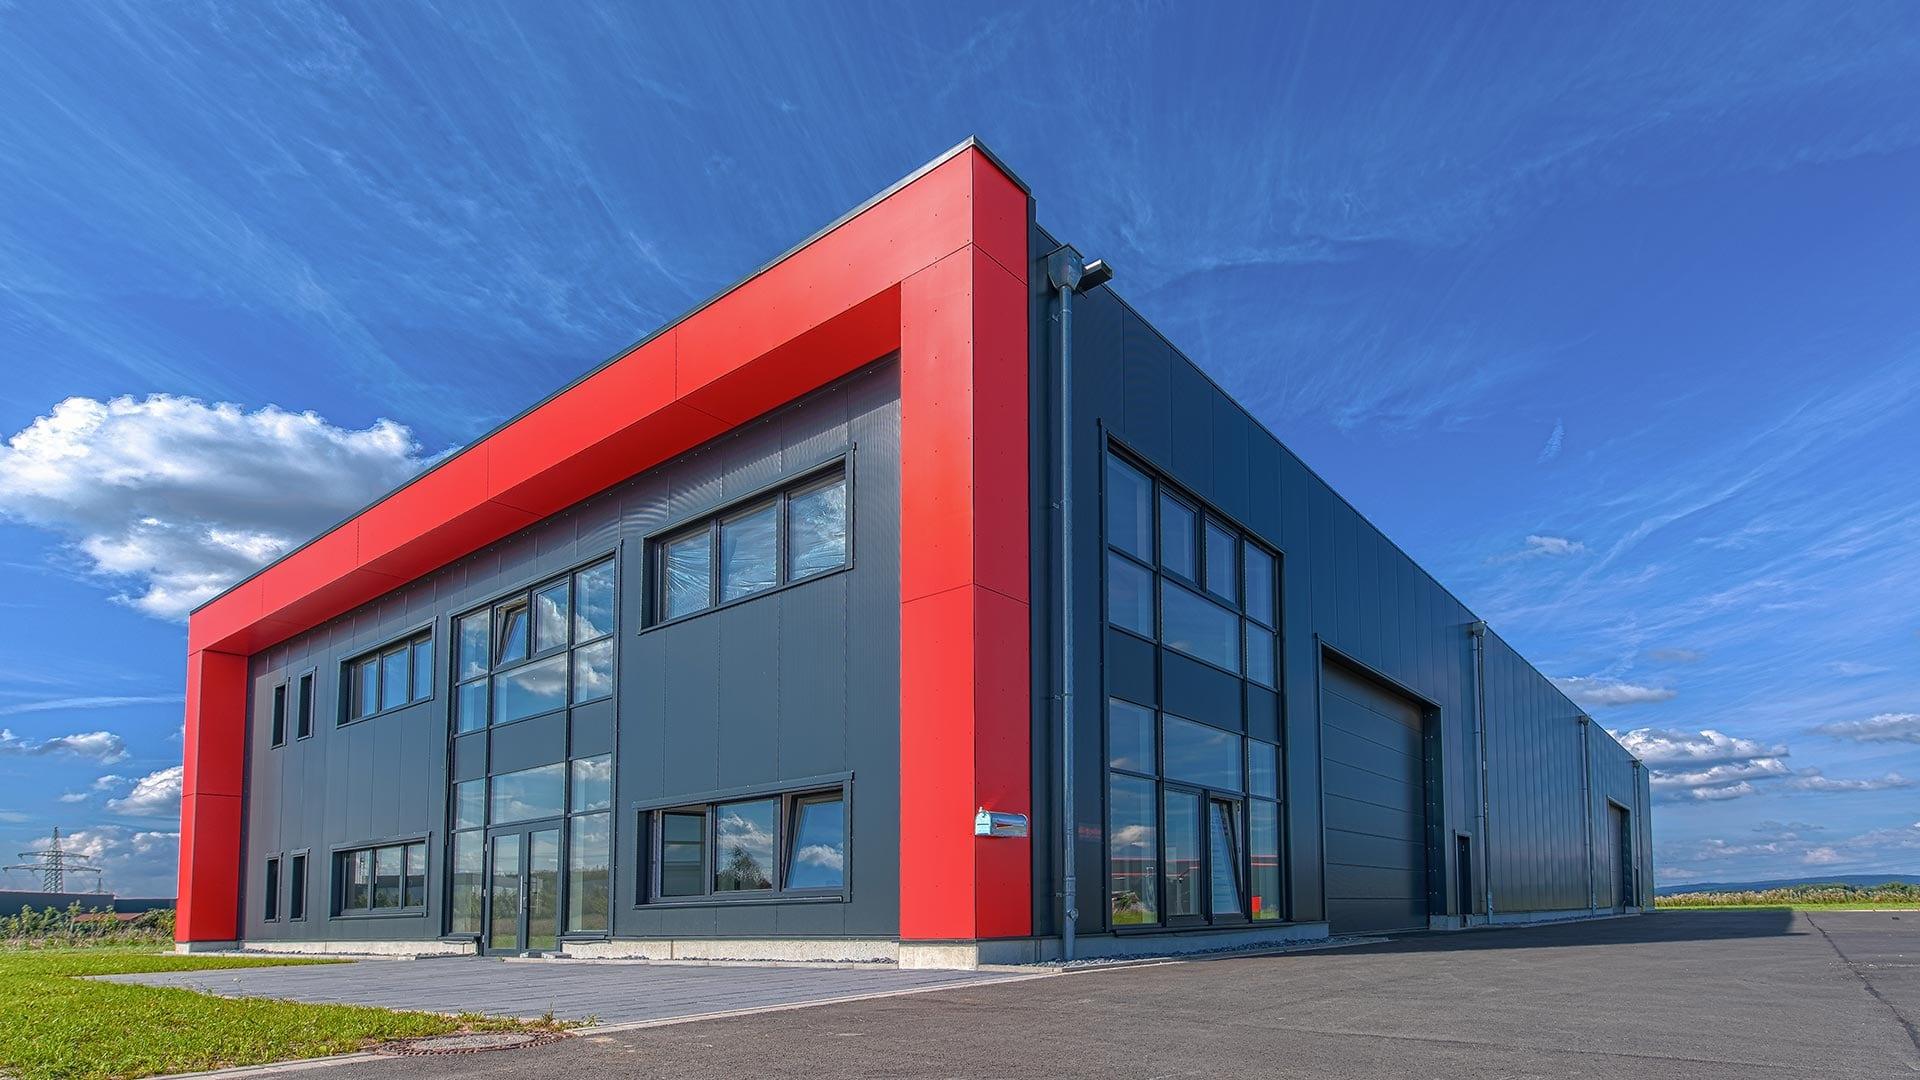 Holzhalle-Industriehalle-in-Holzbauweise-von-FH-Finnholz-erstellt